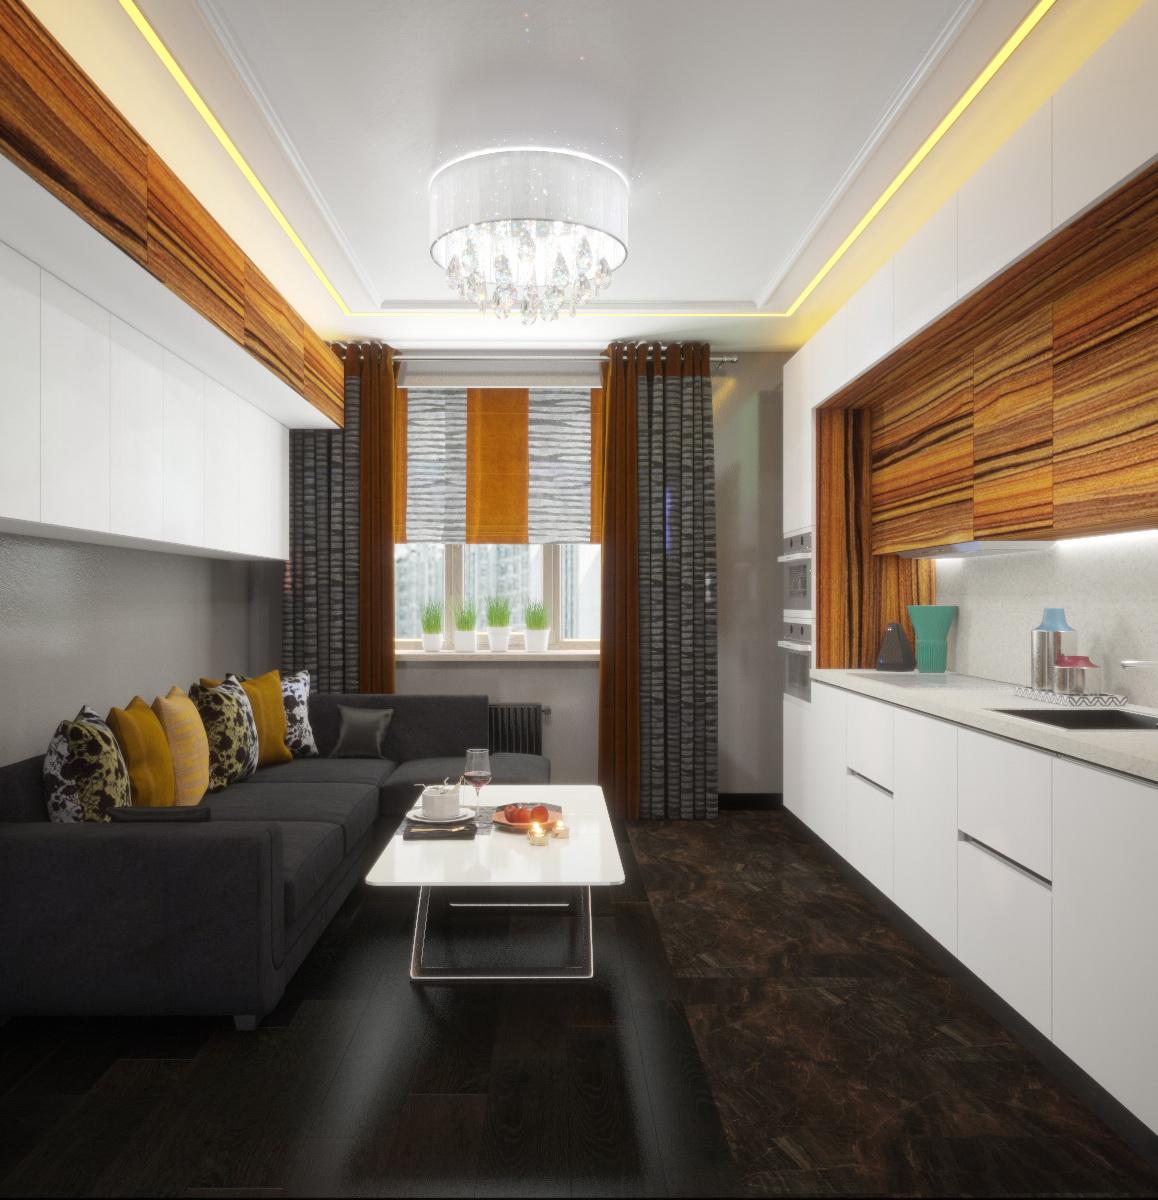 Разработать дизайн однокомнатной квартиры 39 кв.м. фото f_4995939568f0b1f8.jpg